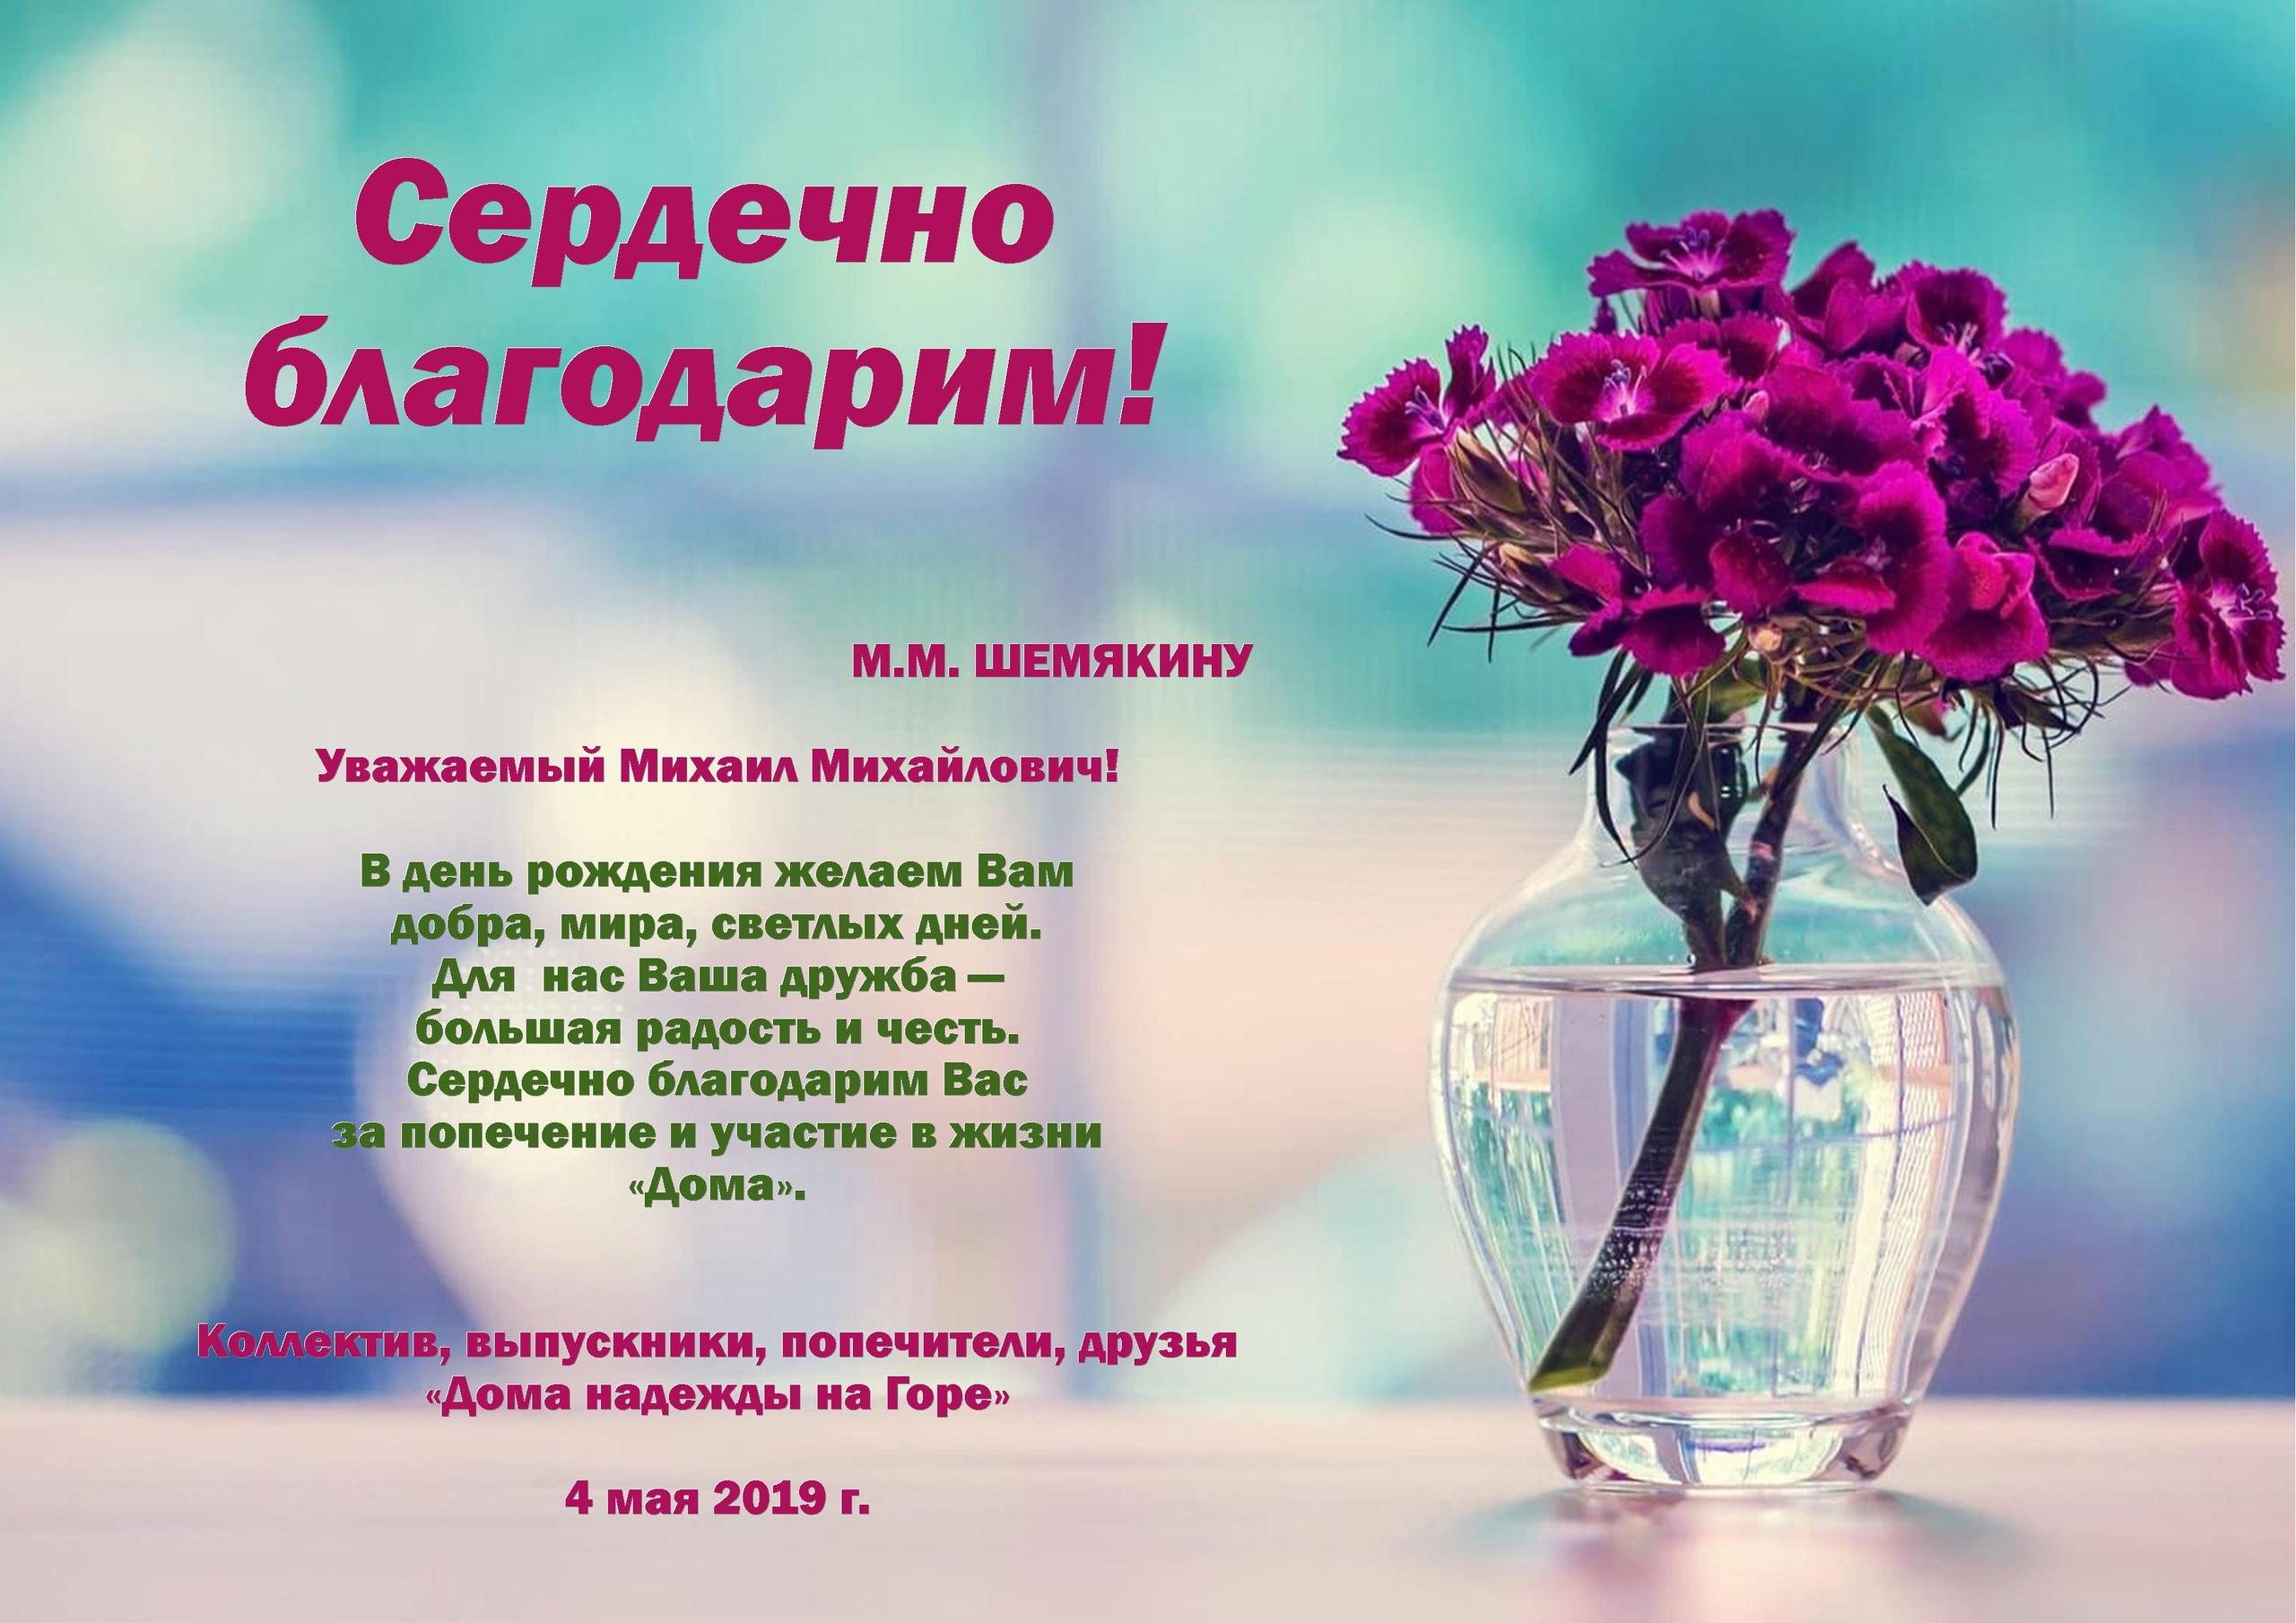 Шемякин